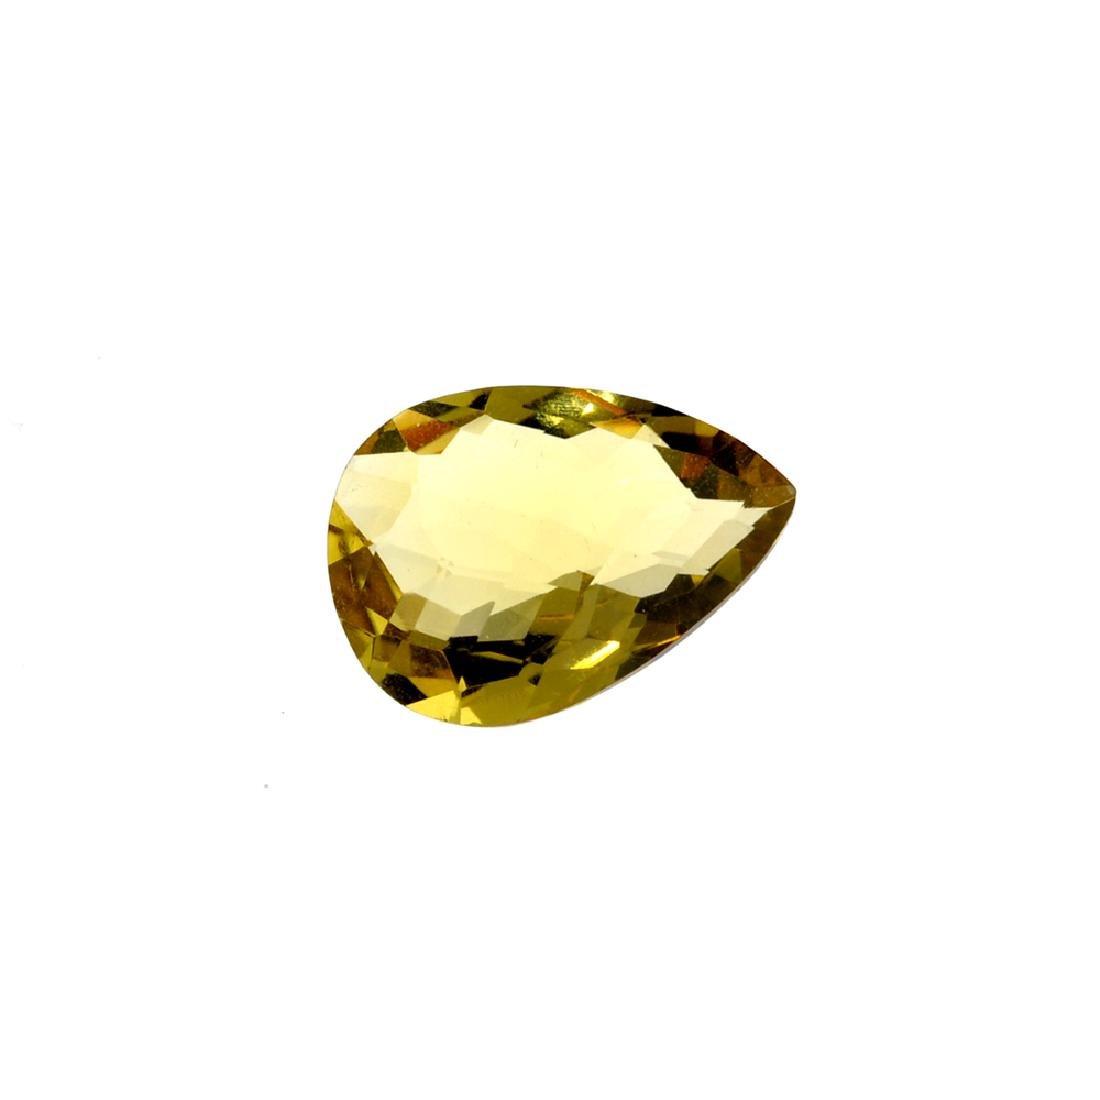 APP: 0.6k 12.41CT Pear Cut Citrine Gemstone